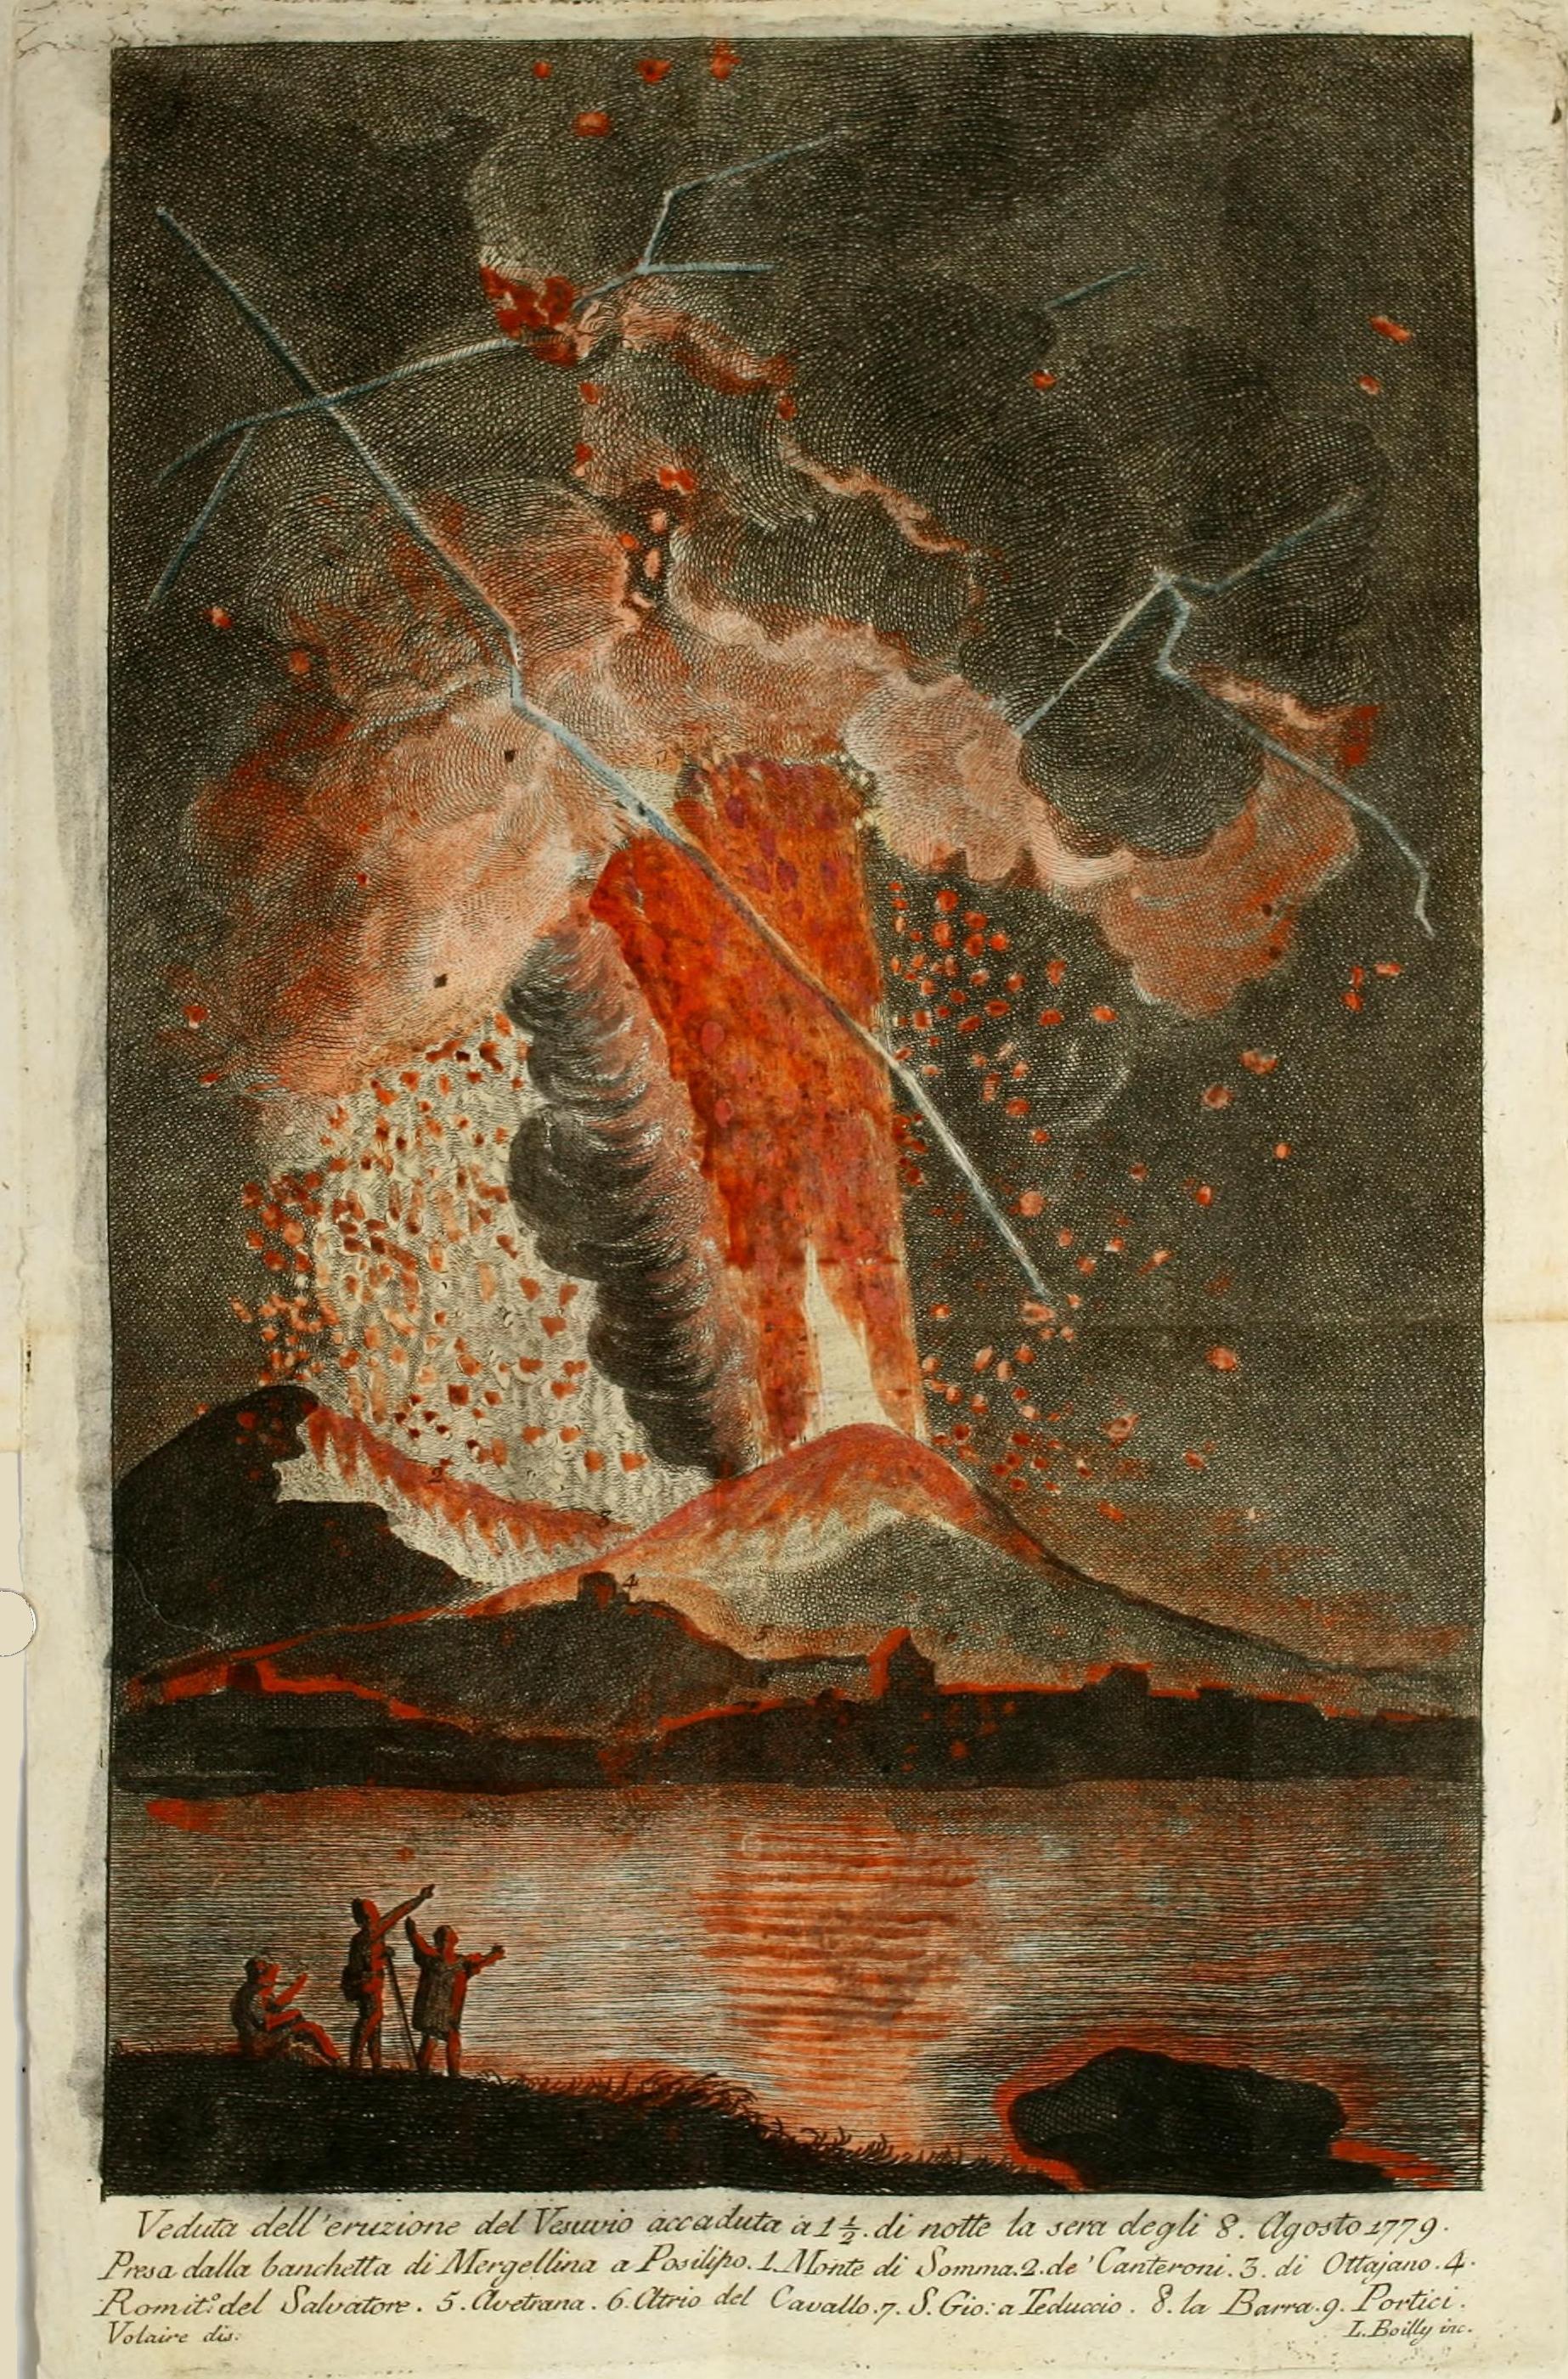 Leruzione Del Vesuvio Del 1779 Stampa Ad Alta Definizione